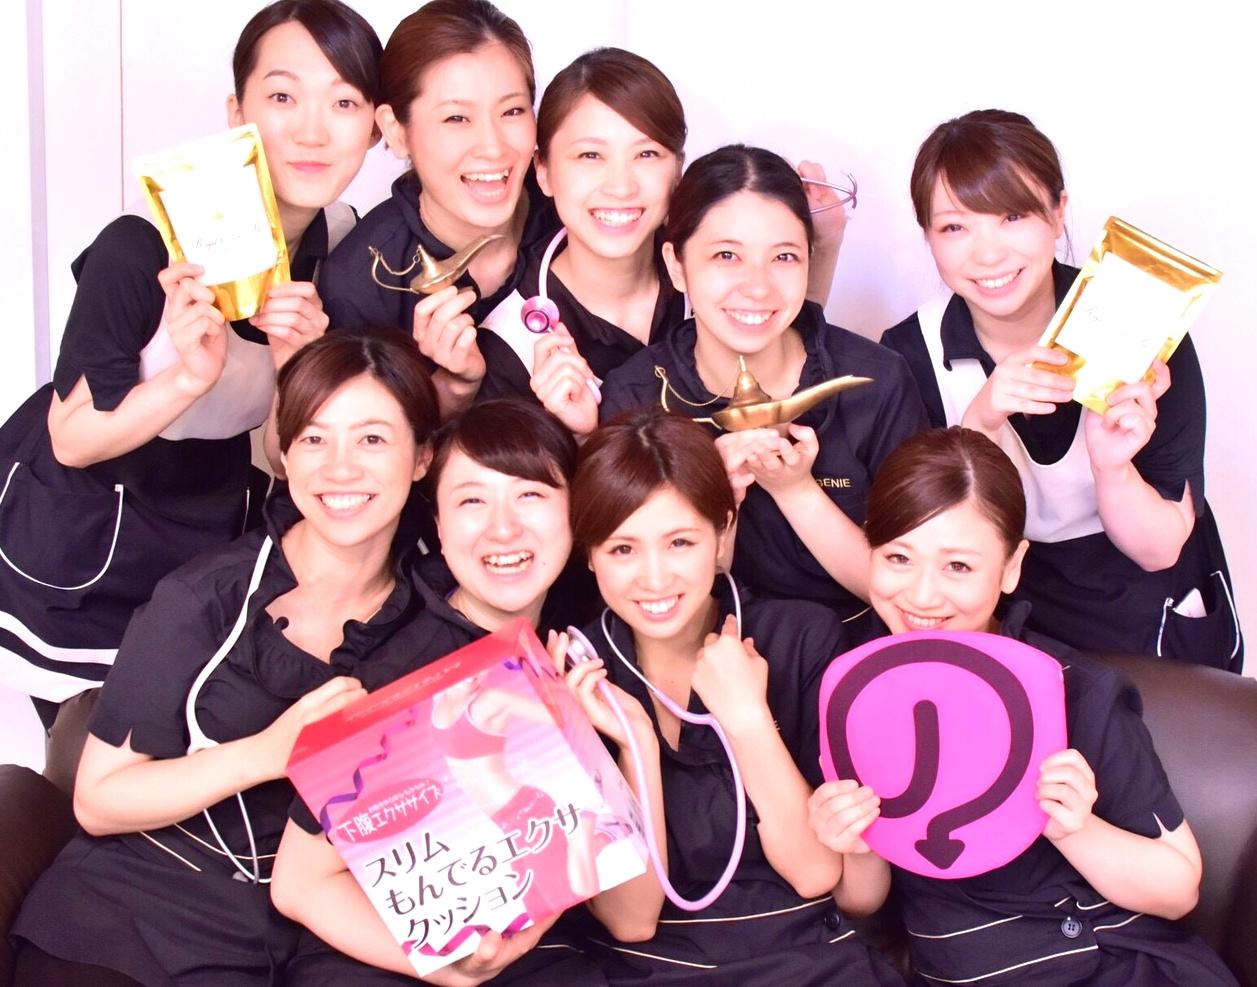 7月のGENIE&日本美腸協会活動まとめ 全国で話題の元祖美腸エステを受けるならGENIE恵比寿本店へ♪